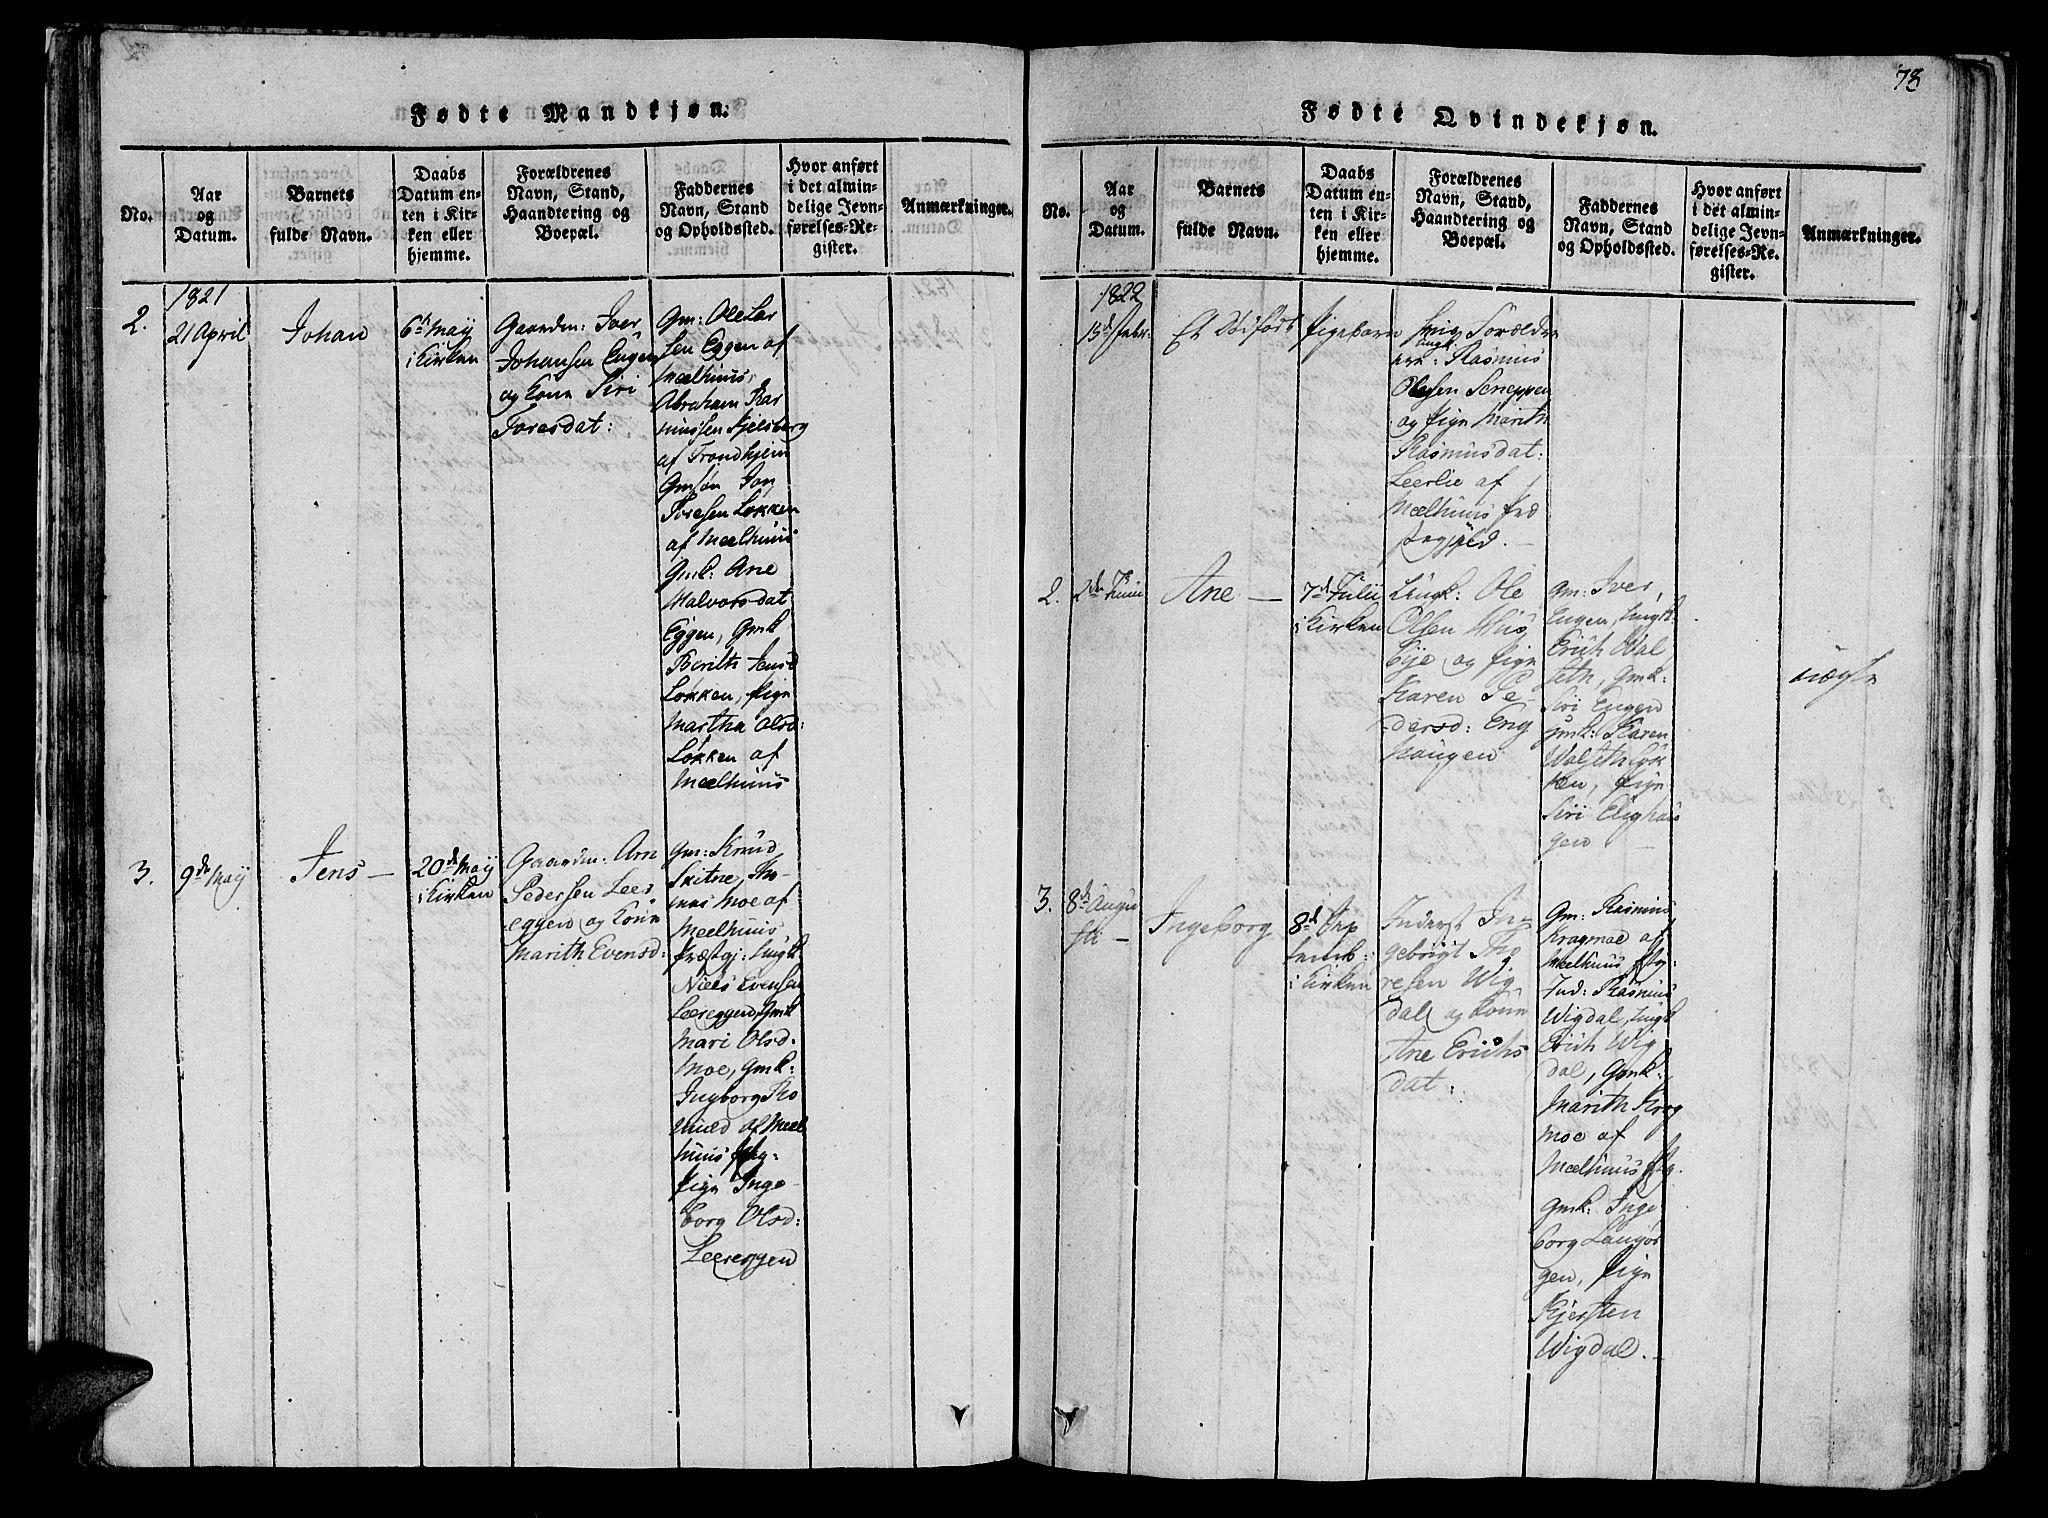 SAT, Ministerialprotokoller, klokkerbøker og fødselsregistre - Sør-Trøndelag, 612/L0373: Ministerialbok nr. 612A06 /2, 1816-1828, s. 73